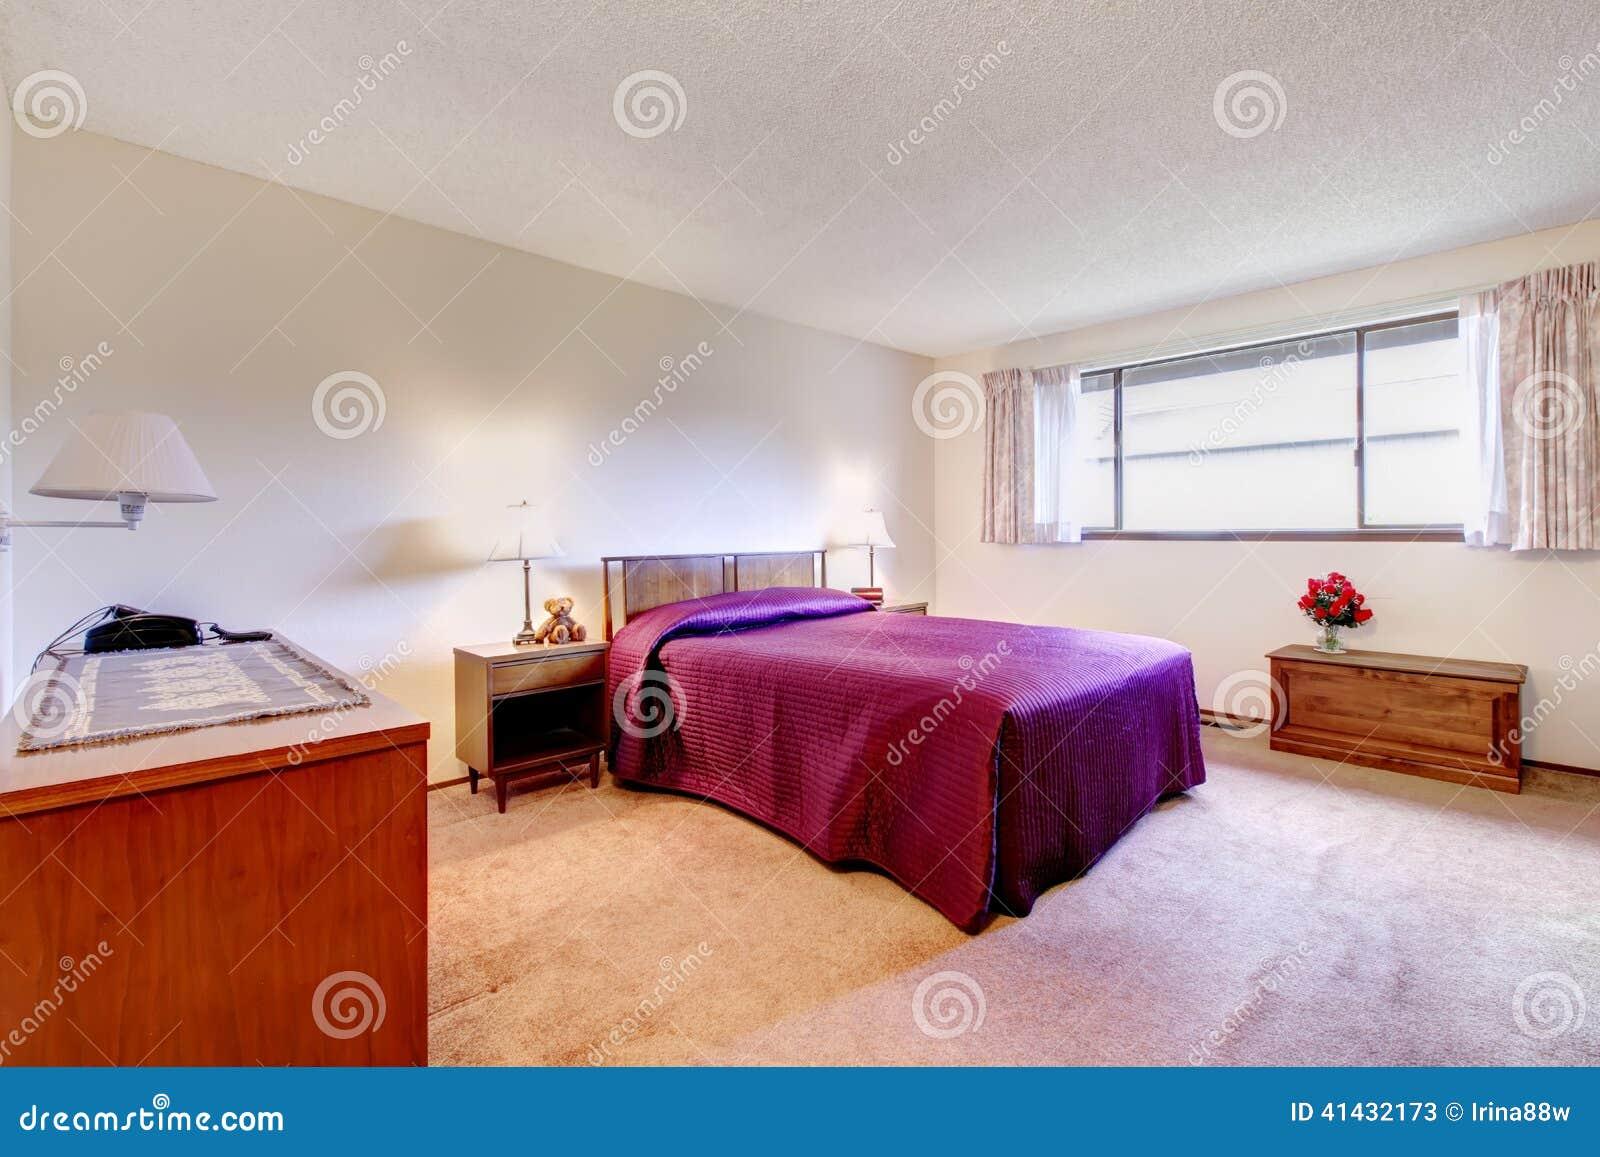 Chambre coucher spacieuse avec de vieux meubles for Meuble chambre a coucher